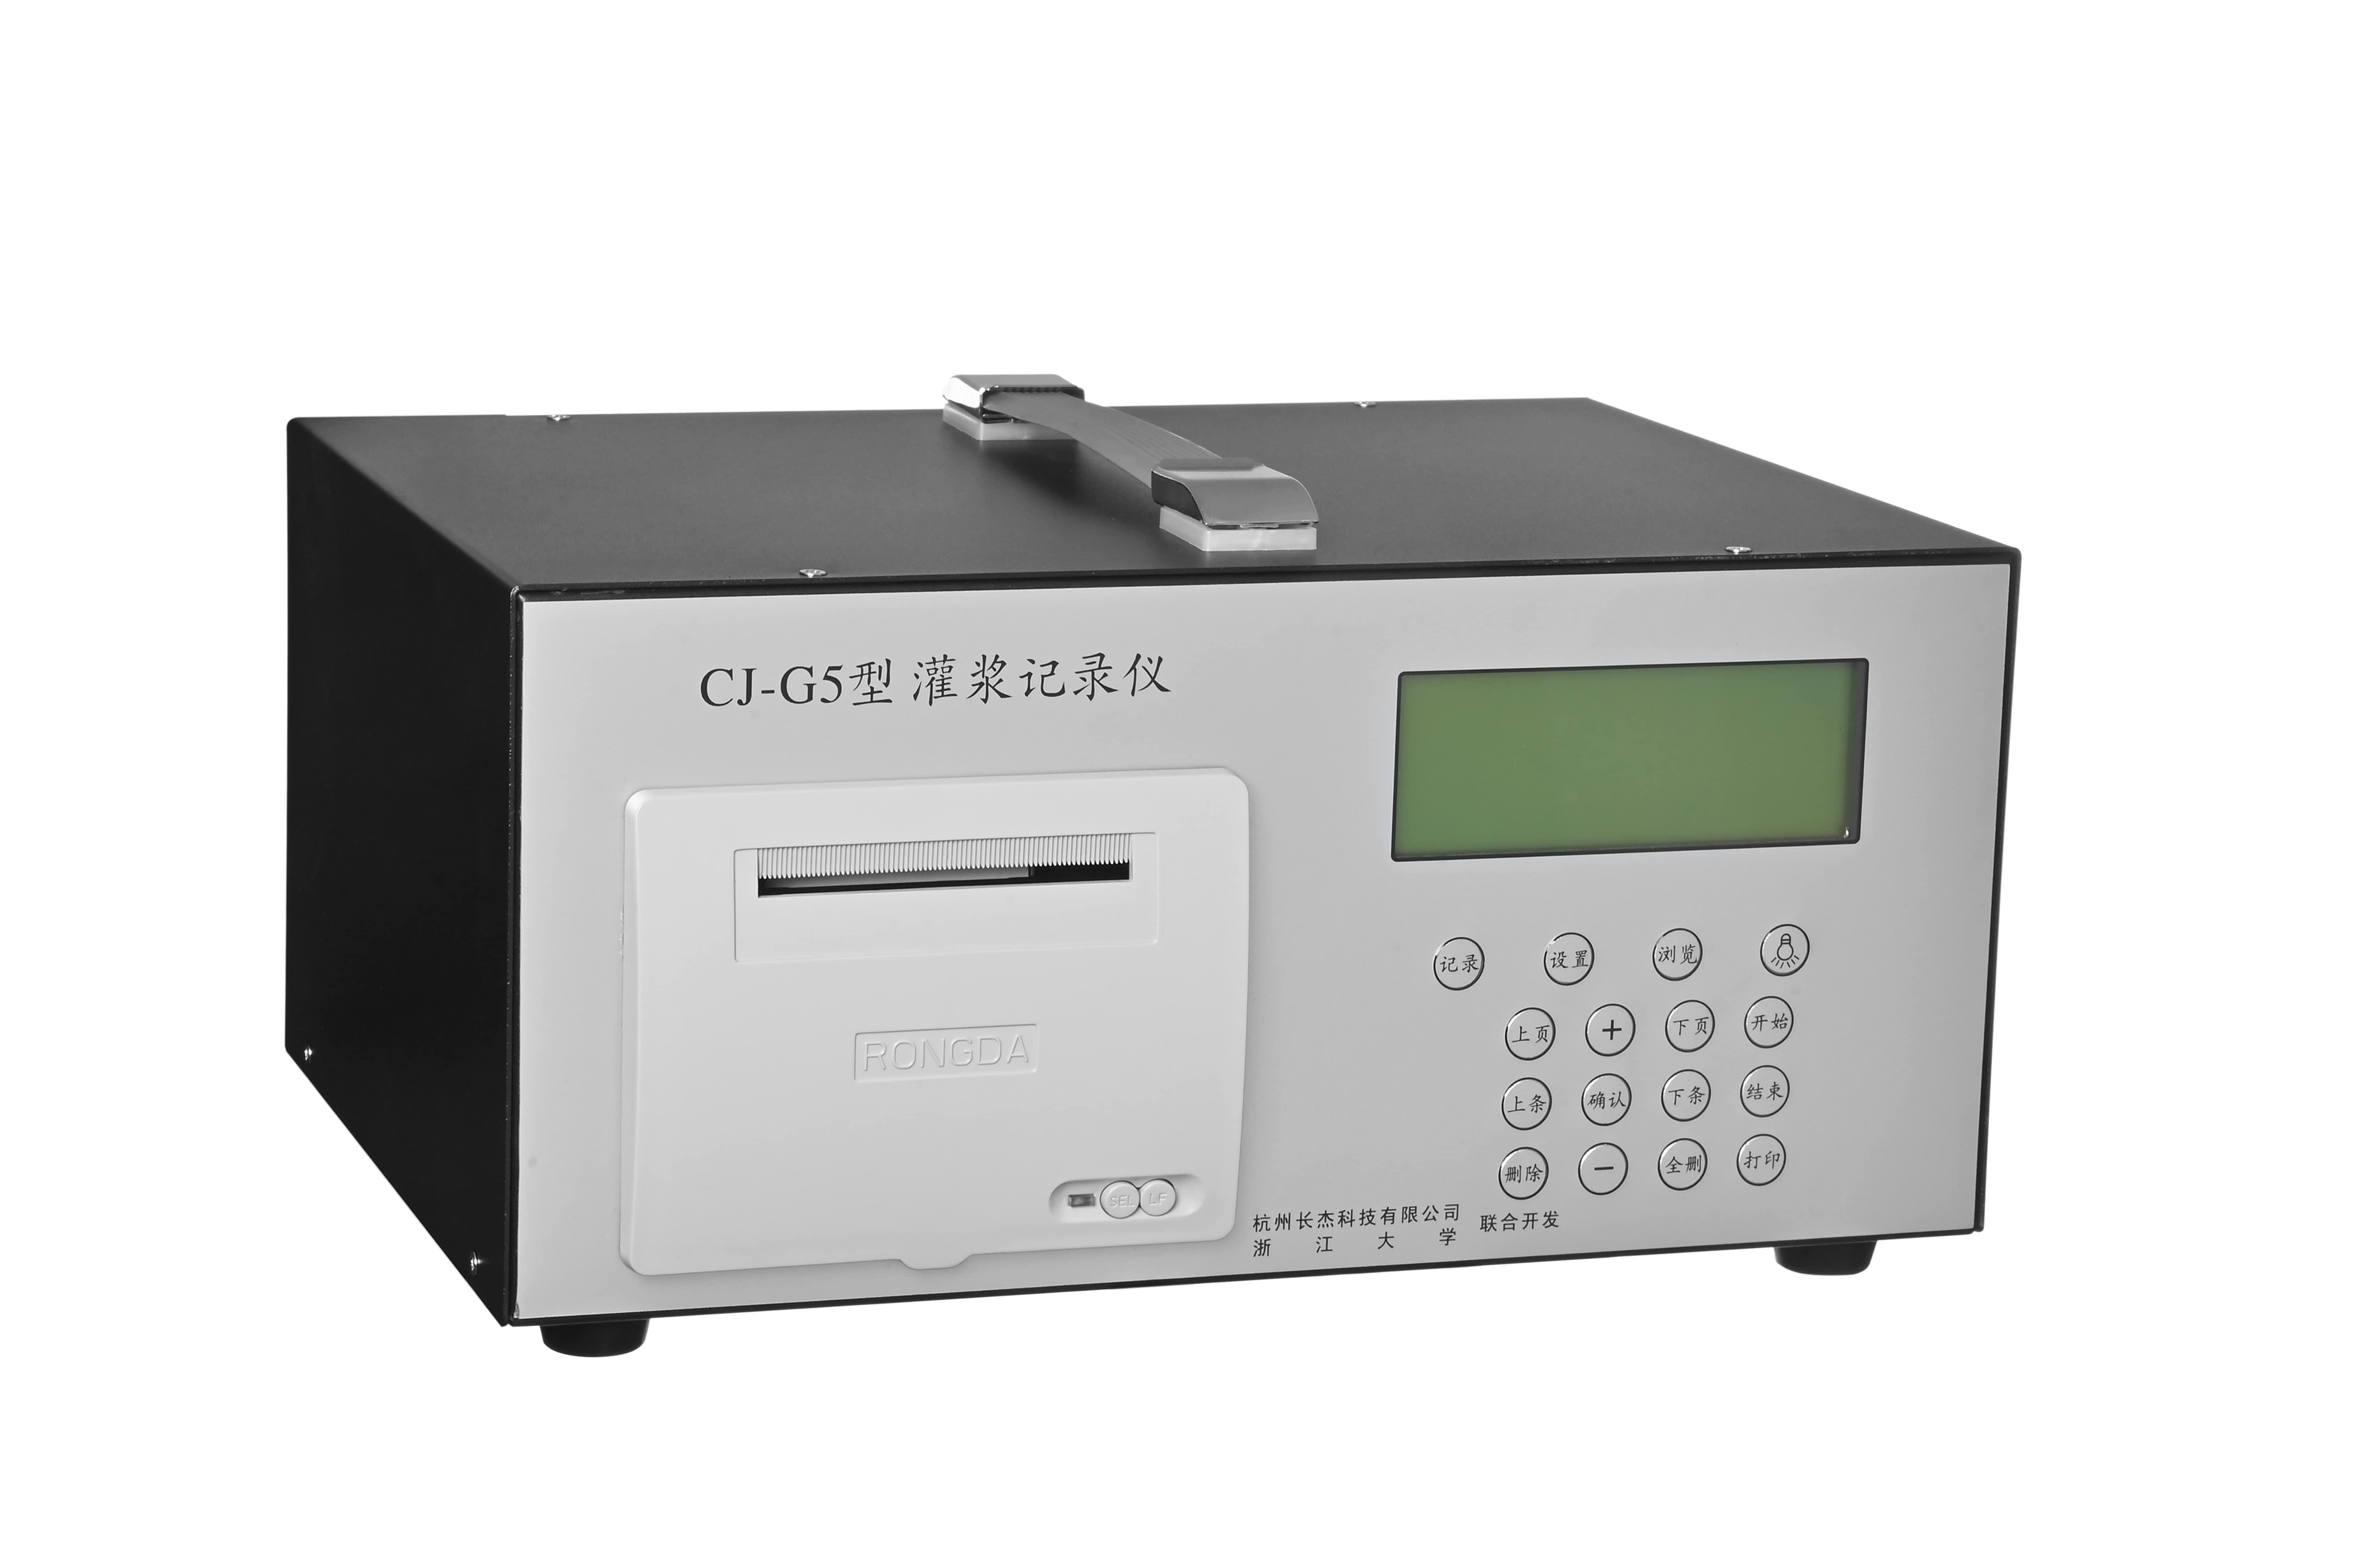 CJ-G5型灌浆自动记录仪   灌浆自动记录仪